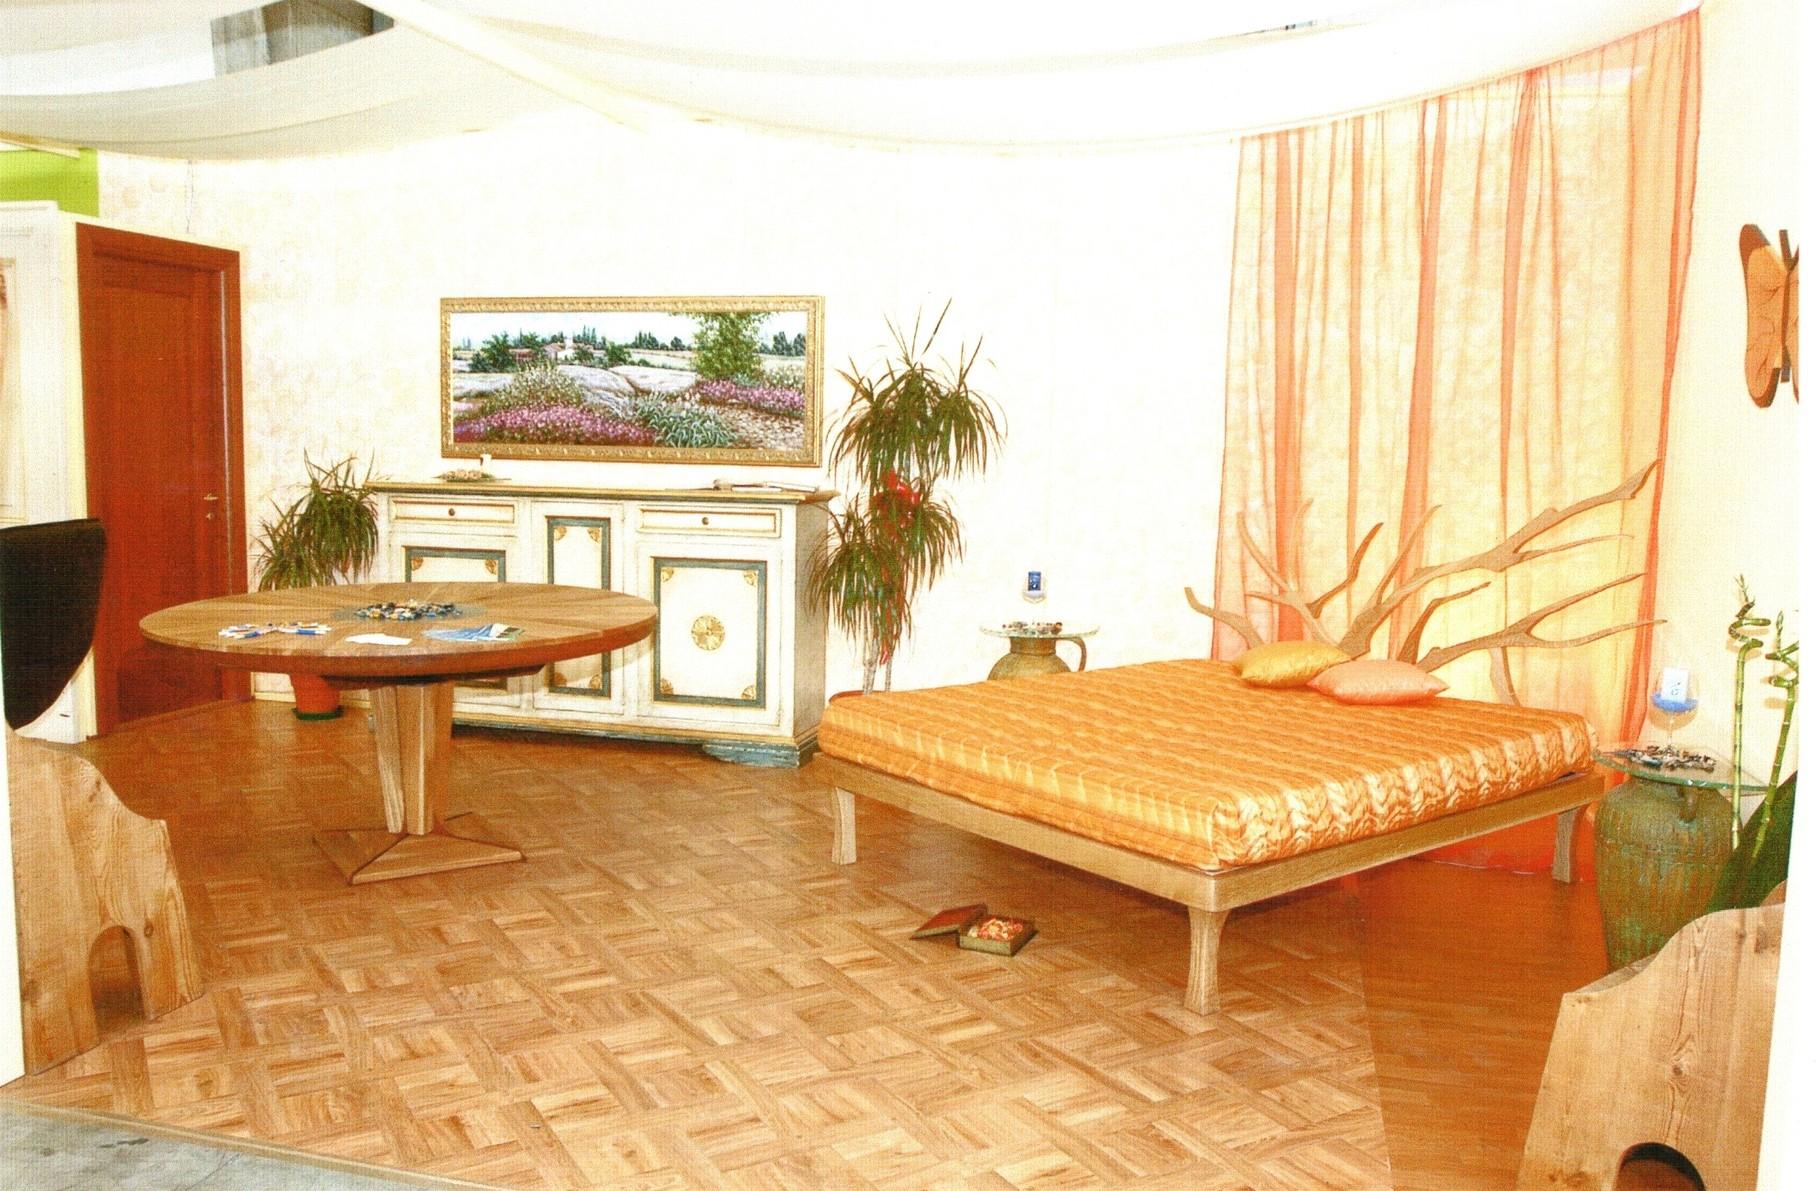 Guardati enio mobili macerata guardati enio for Aziende di mobili